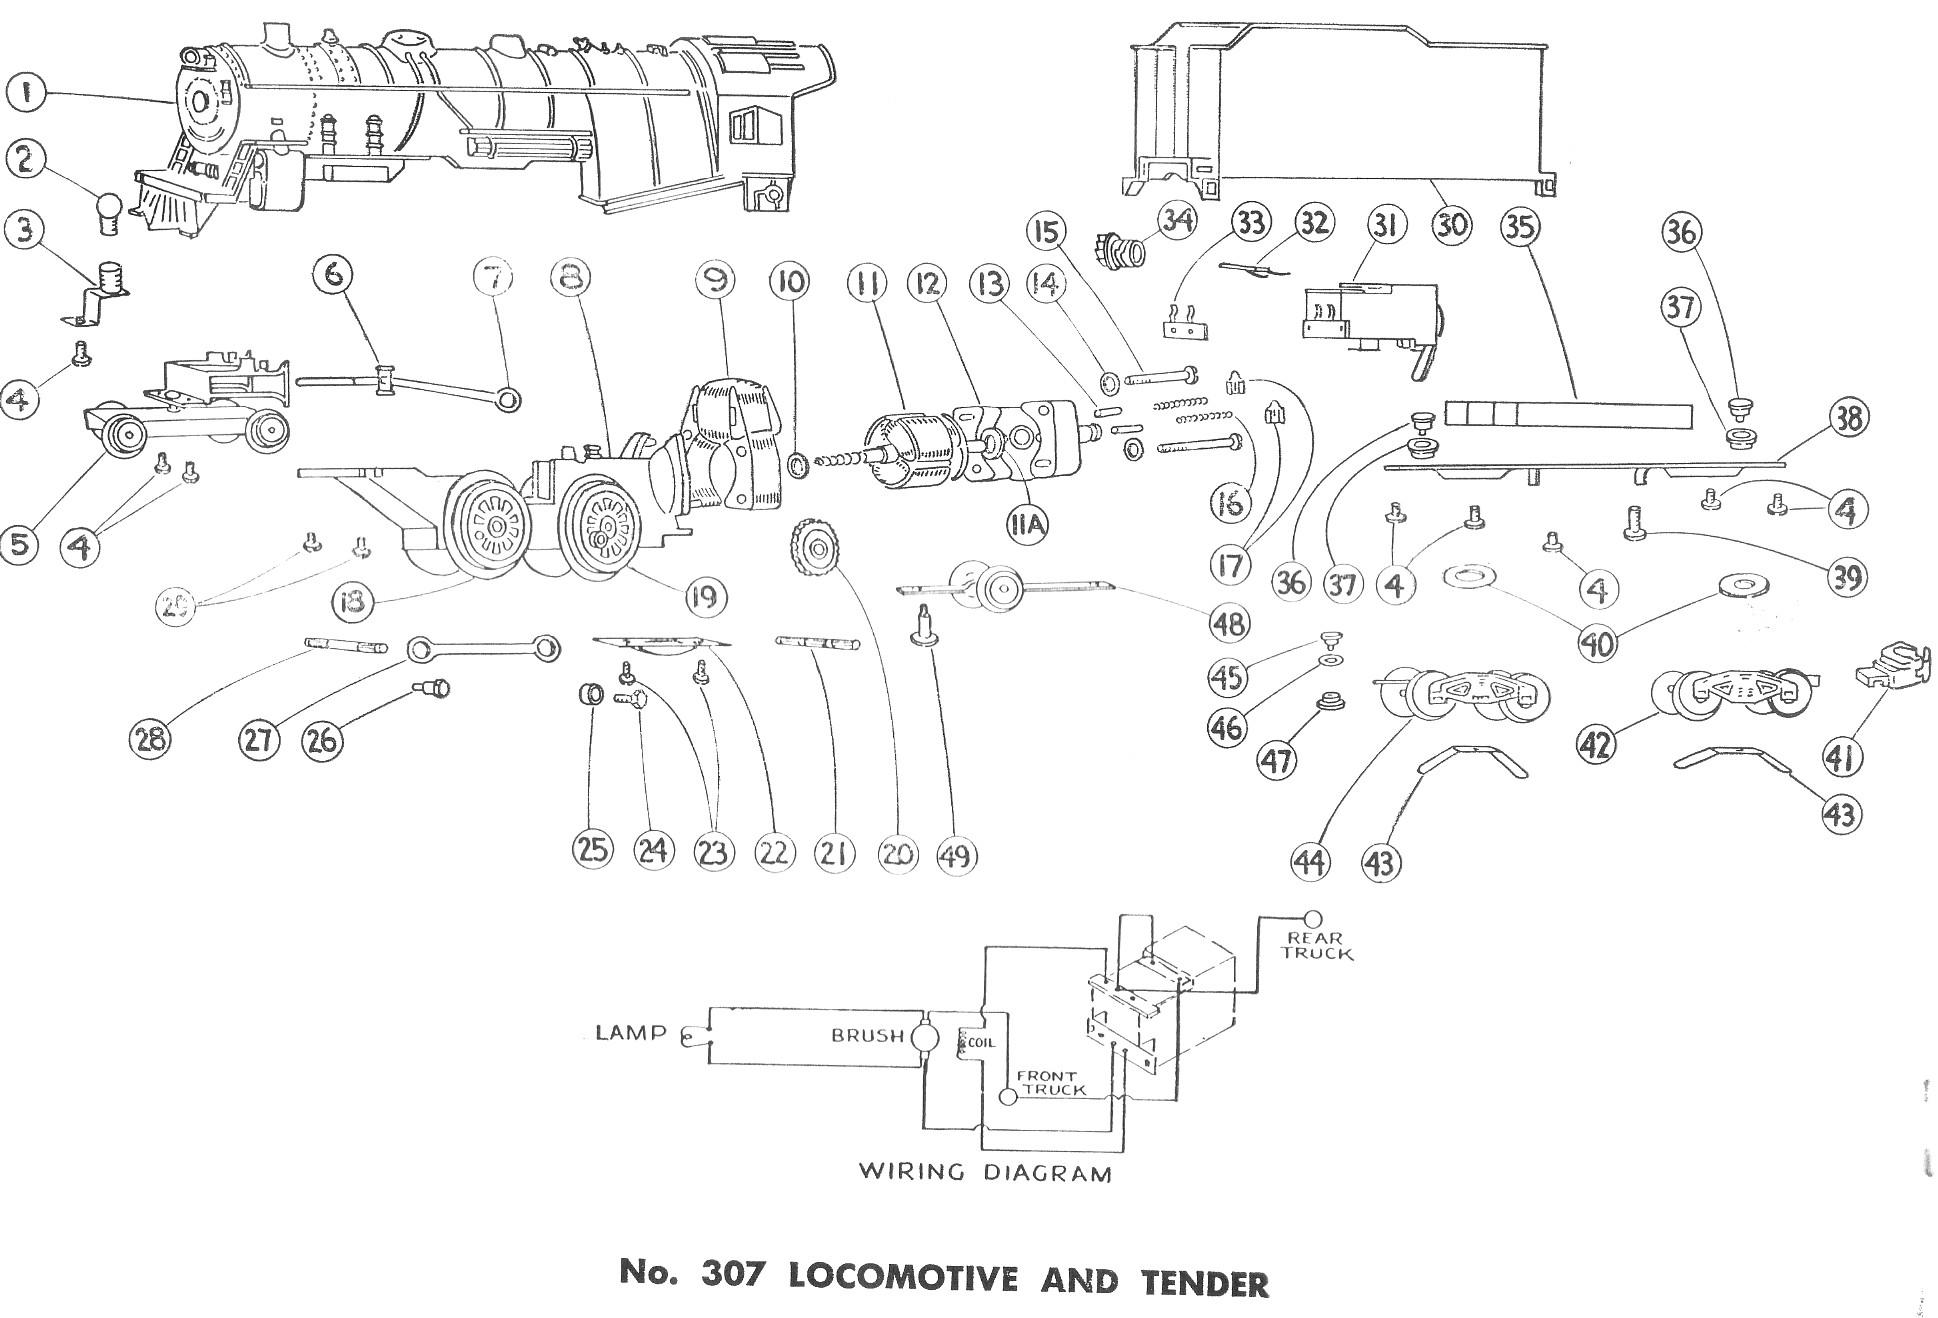 American Flyer Locomotive Wiring Diagrams American Flyer Locomotive 299 Amp 307 Parts List And Diagram